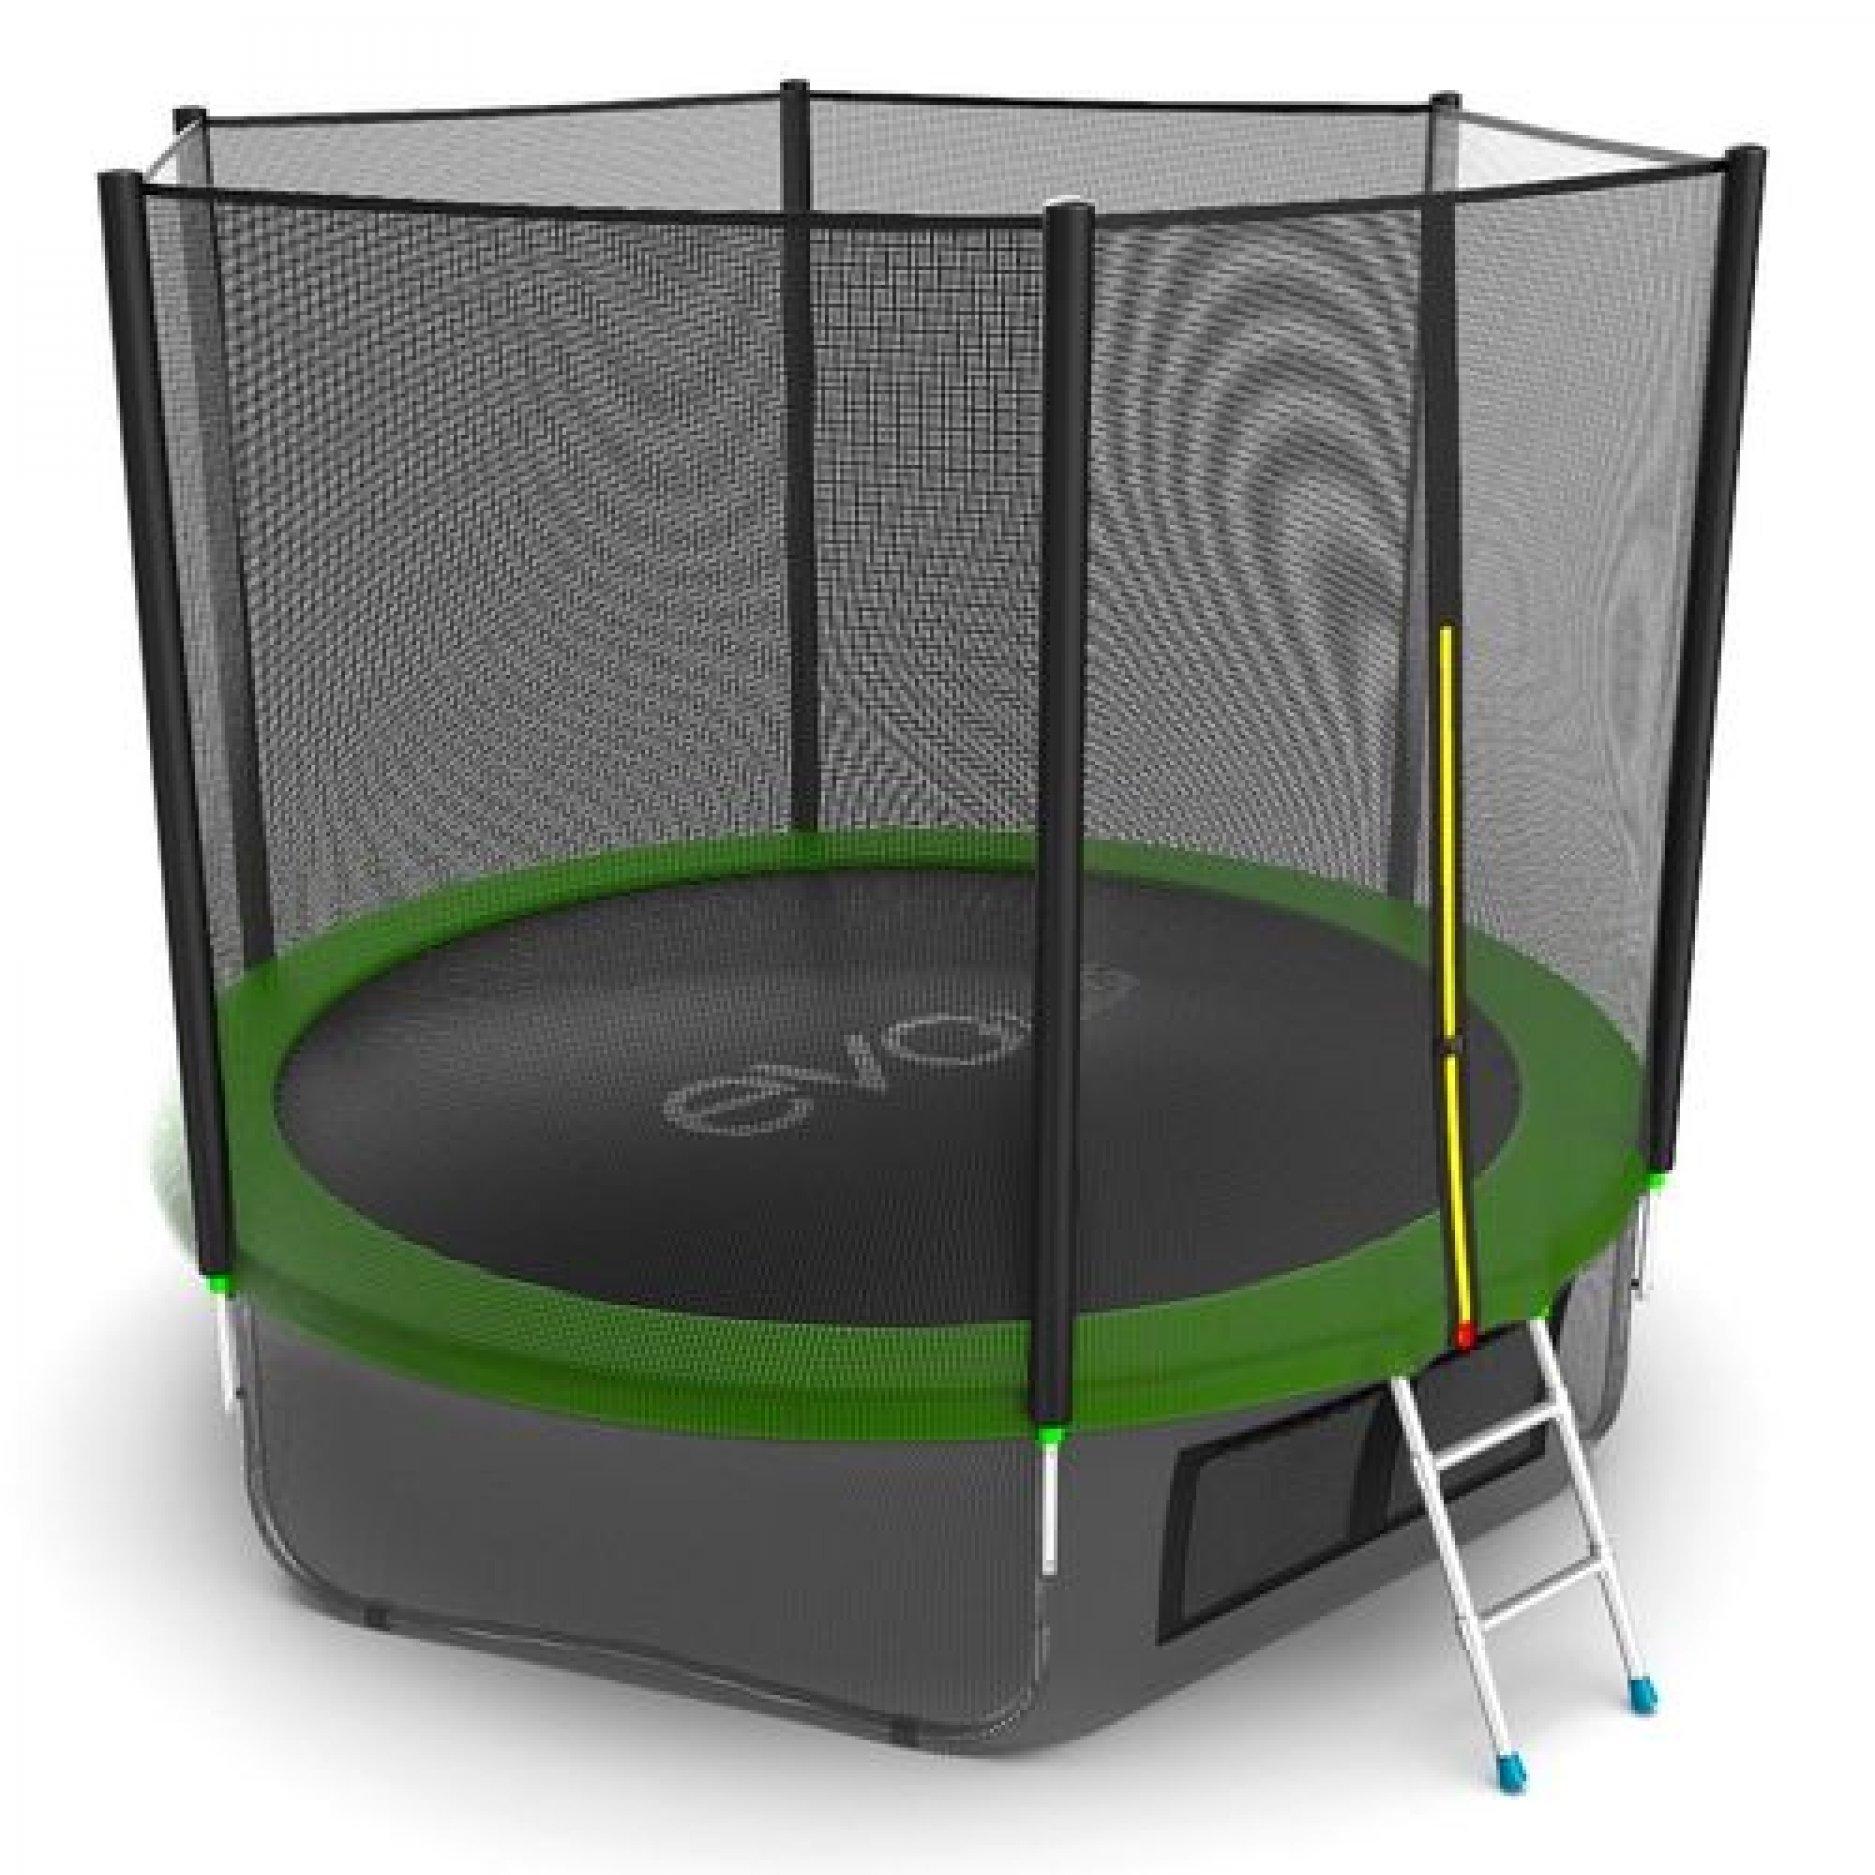 EVO Jump External 10ft (Green) + Lower Net с внешней сеткой и лестницей